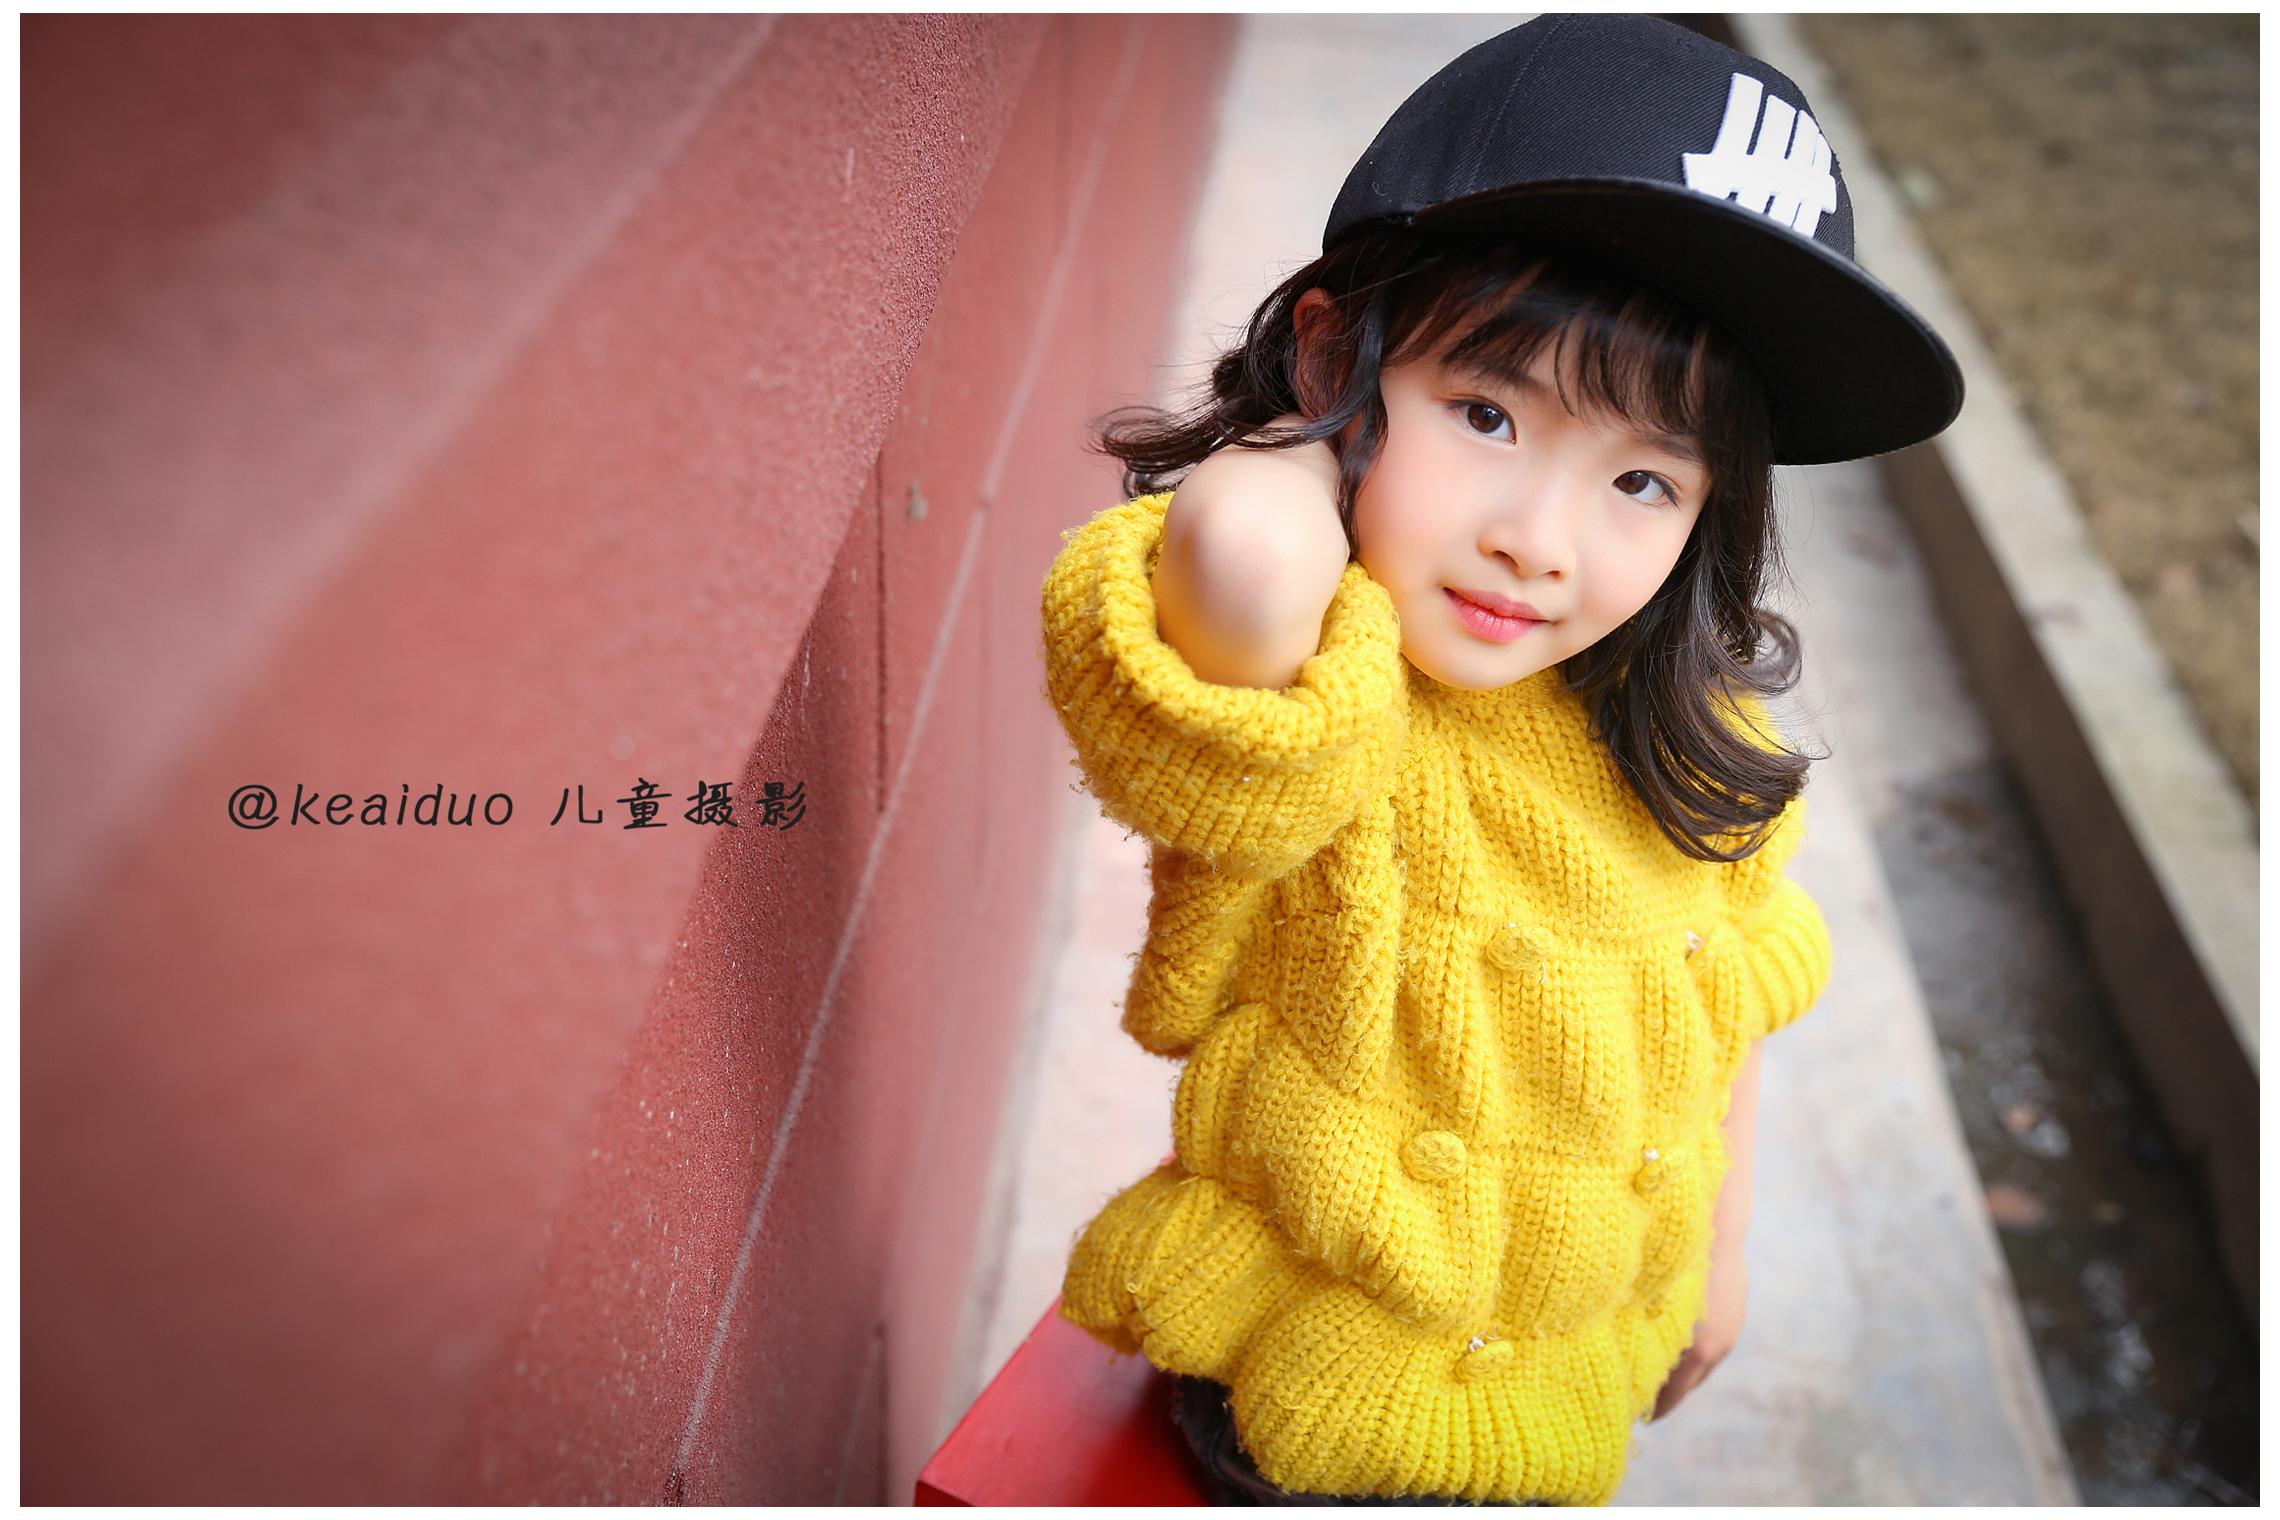 可爱多儿童摄影拍照误区